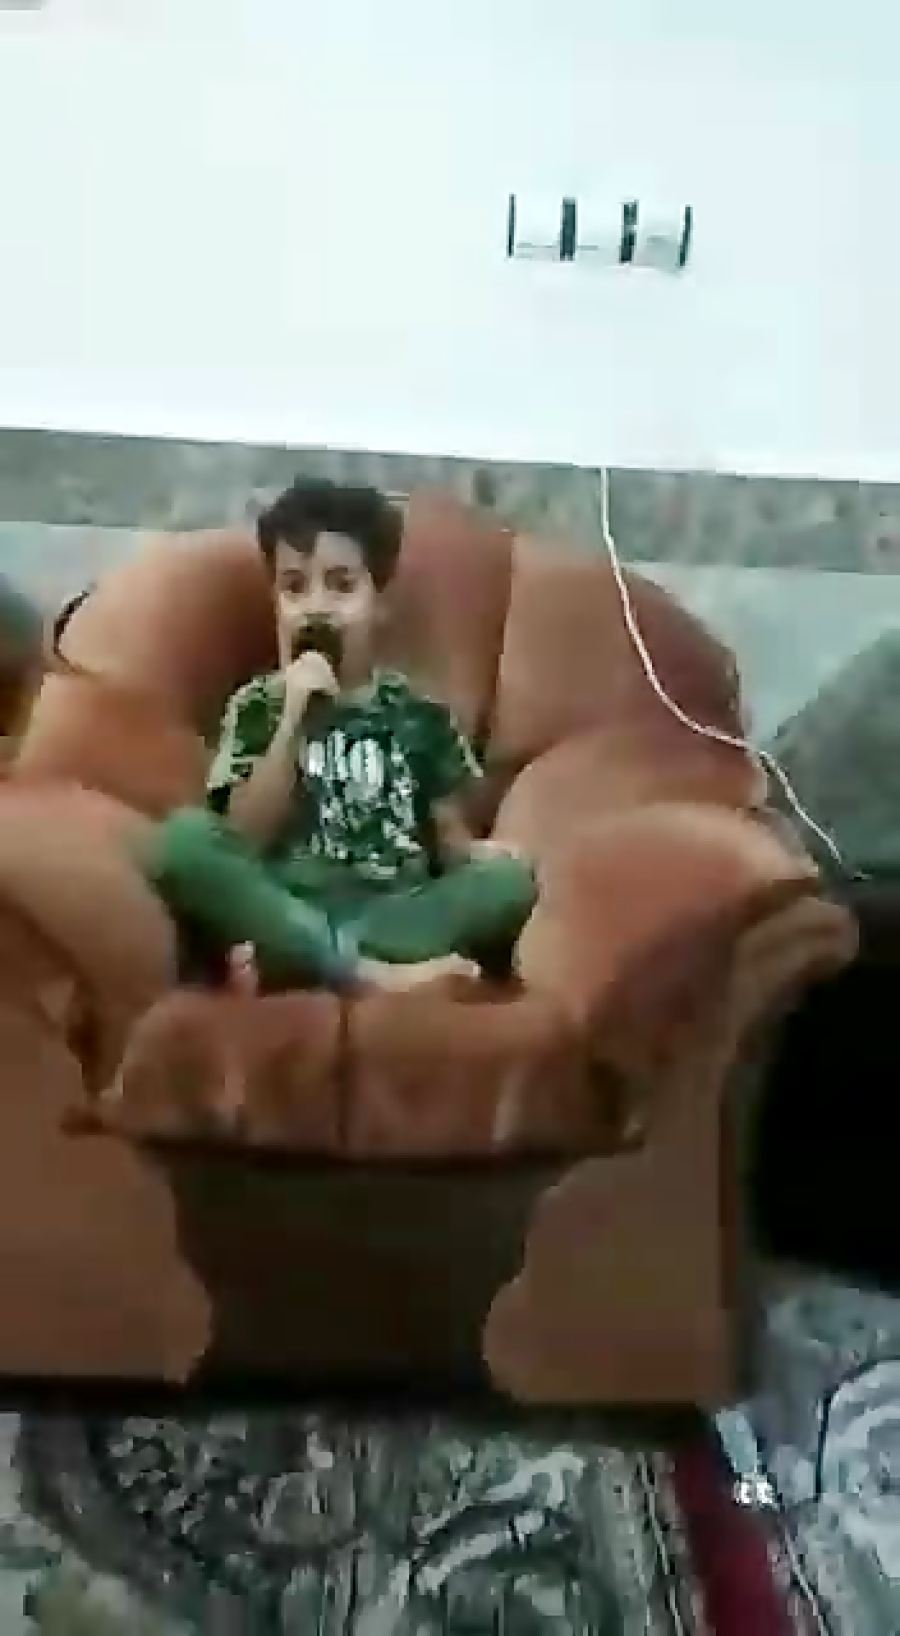 مداحی فوق العاده لری از مداح خردسال امیر عباس شوهانی پیشنهاد دانلود